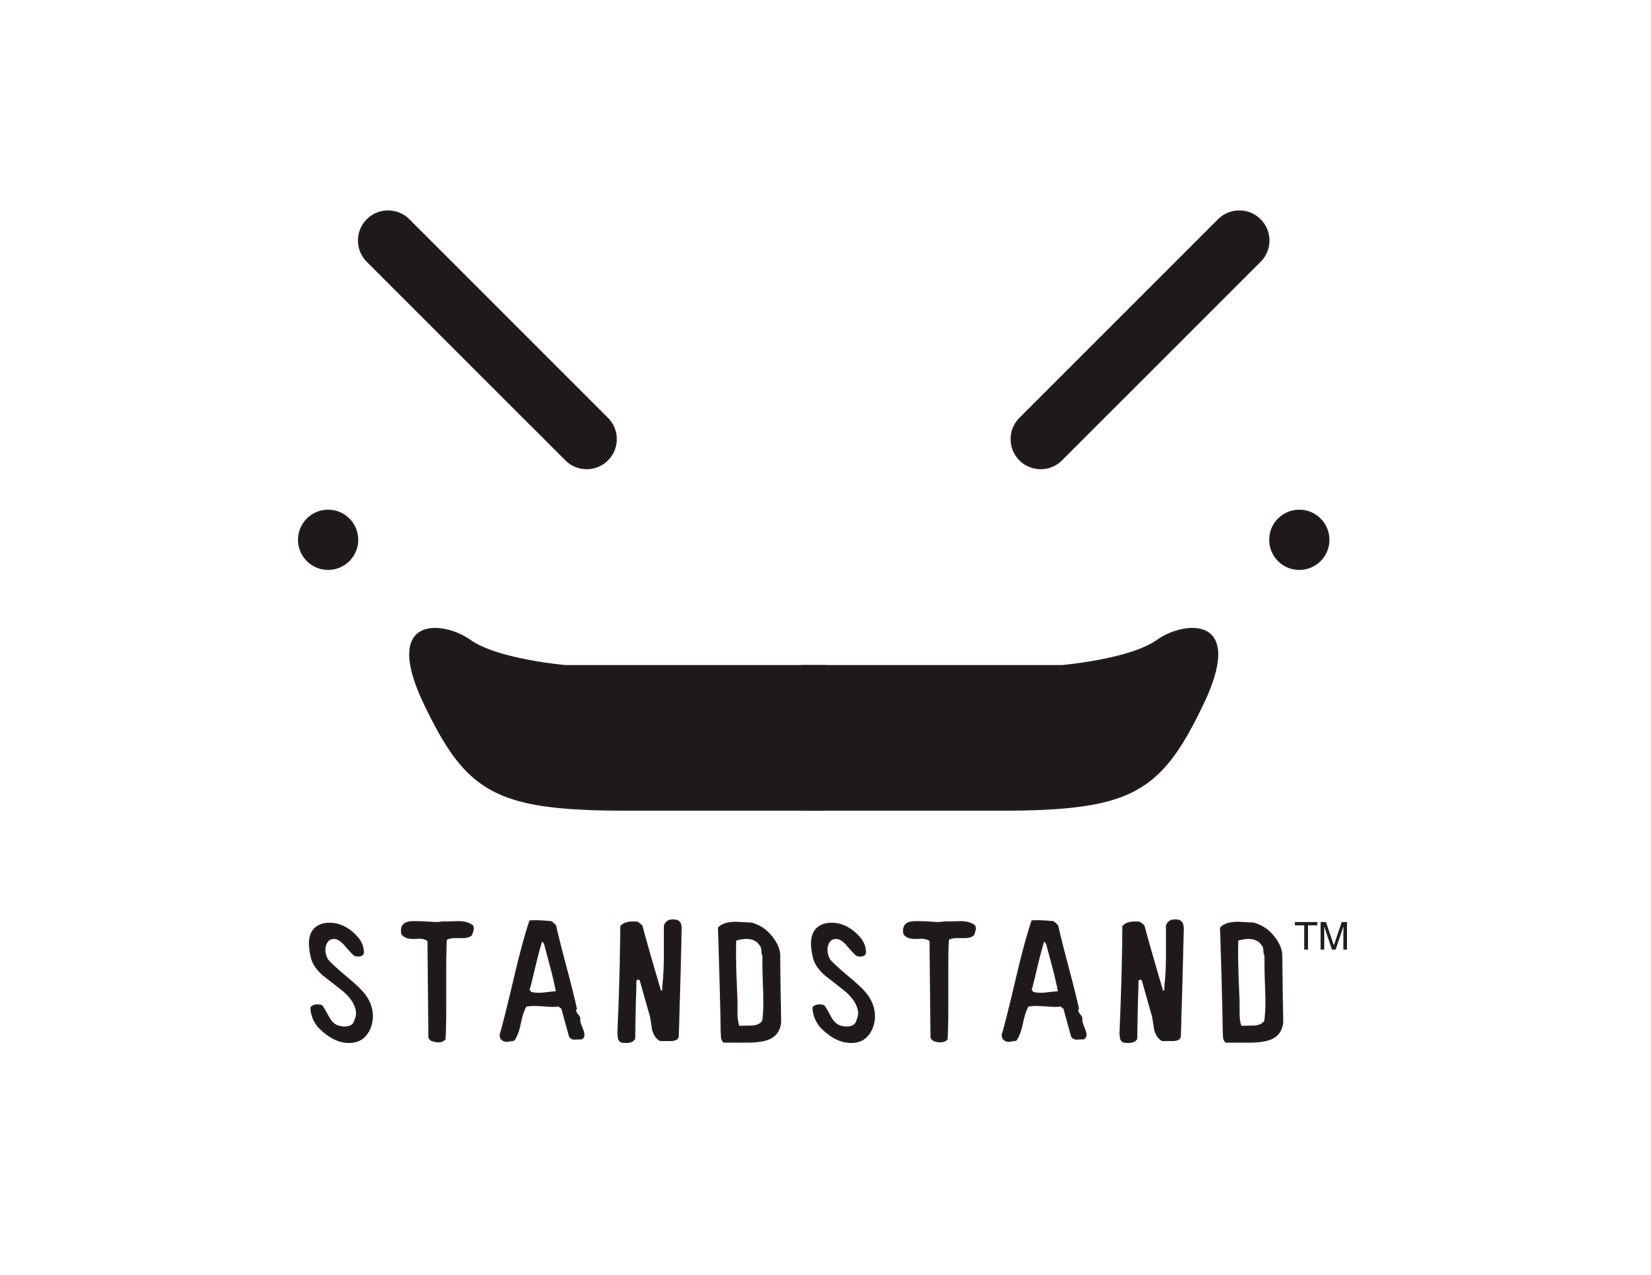 STANDSTAND-Logo-black